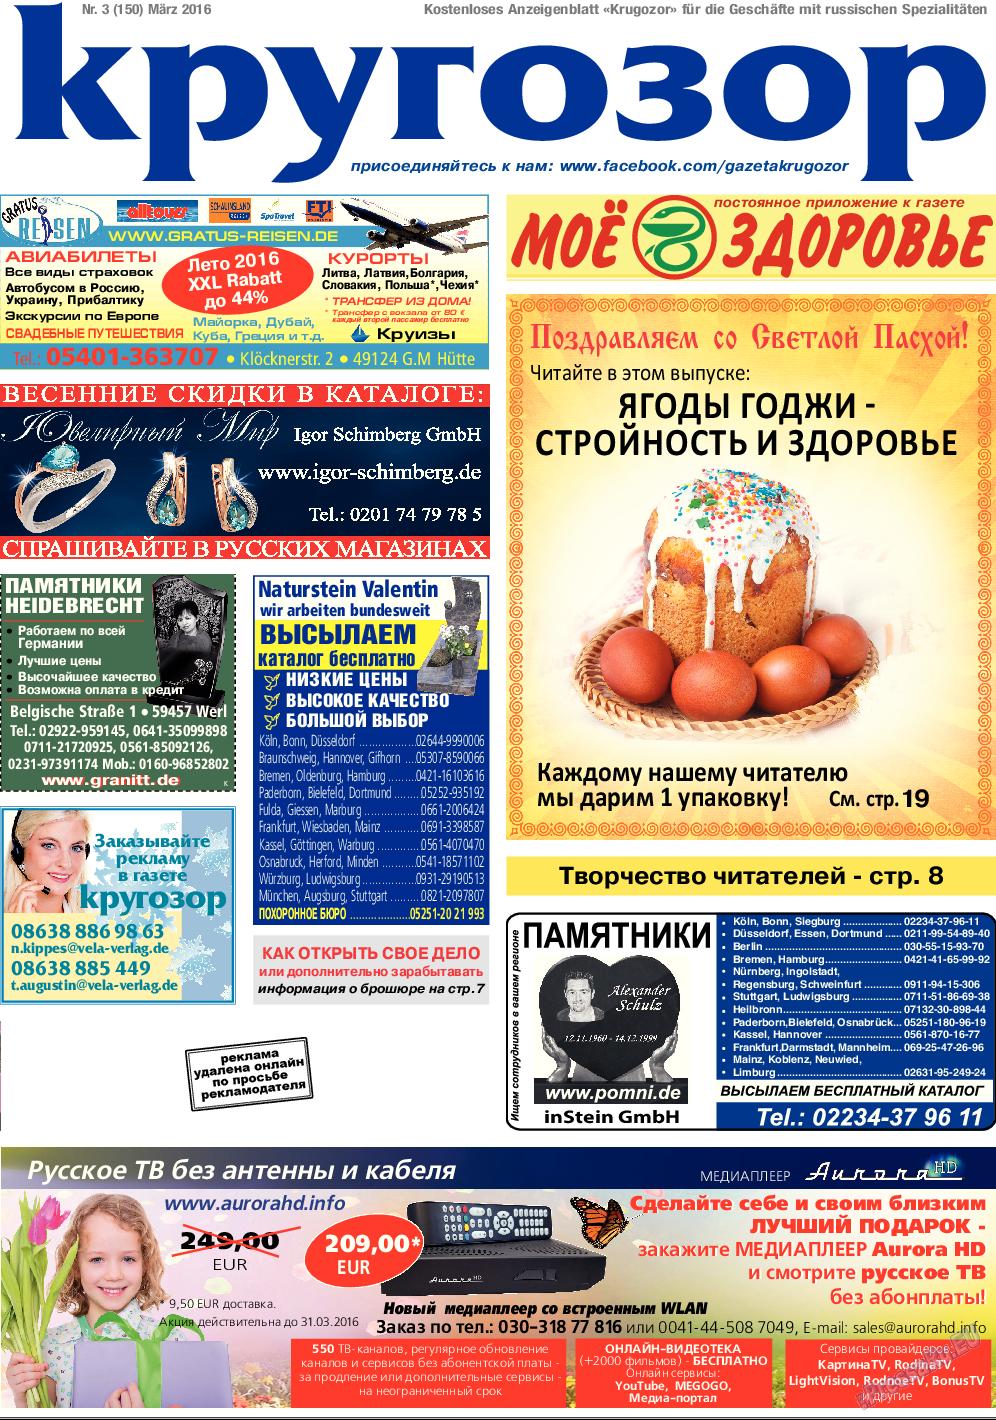 Кругозор (газета). 2016 год, номер 3, стр. 1